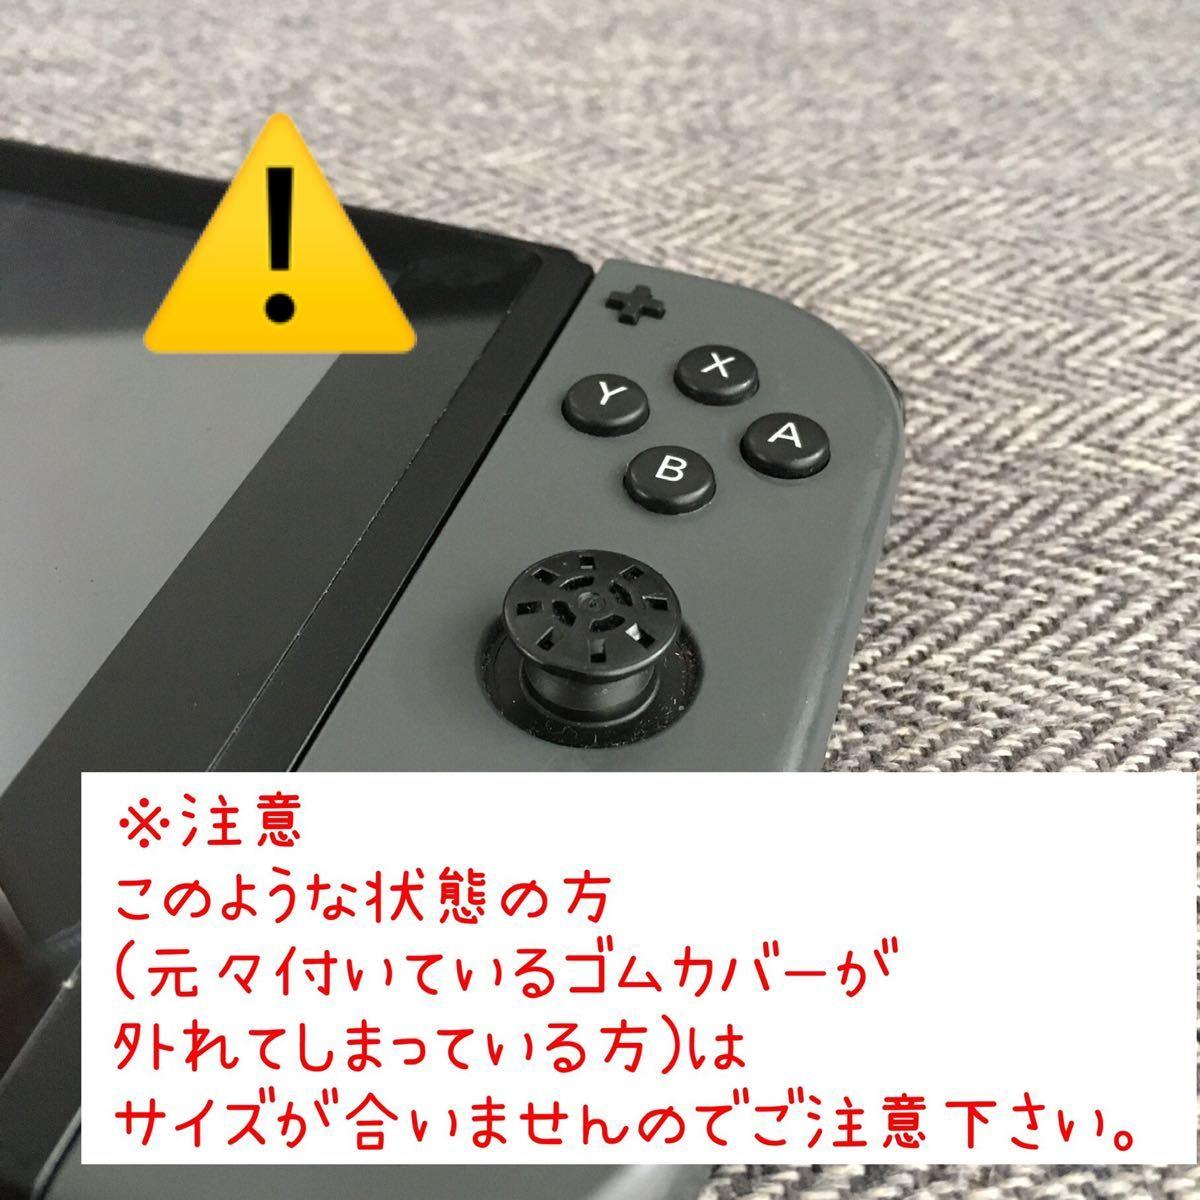 スイッチ ジョイコン スティックカバー 肉球 黒地5色10個セット Nintendo Switch